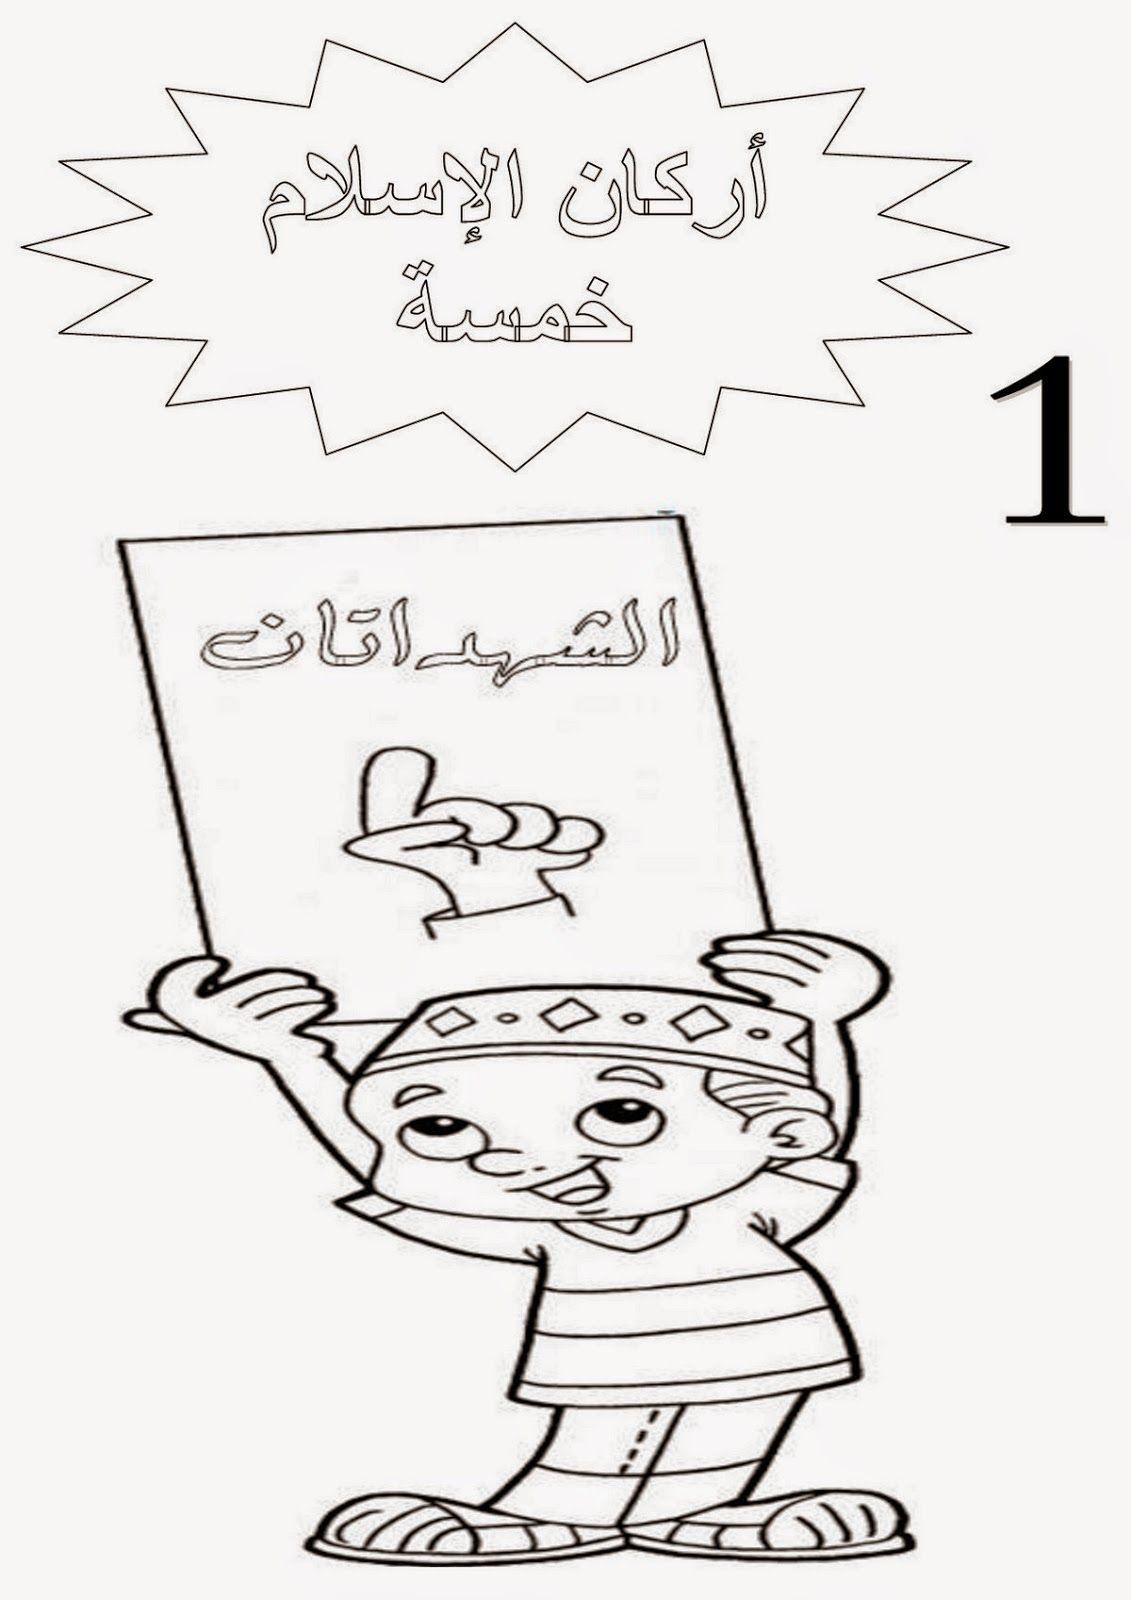 تحميل كتاب البيت المسلم القدوة pdf